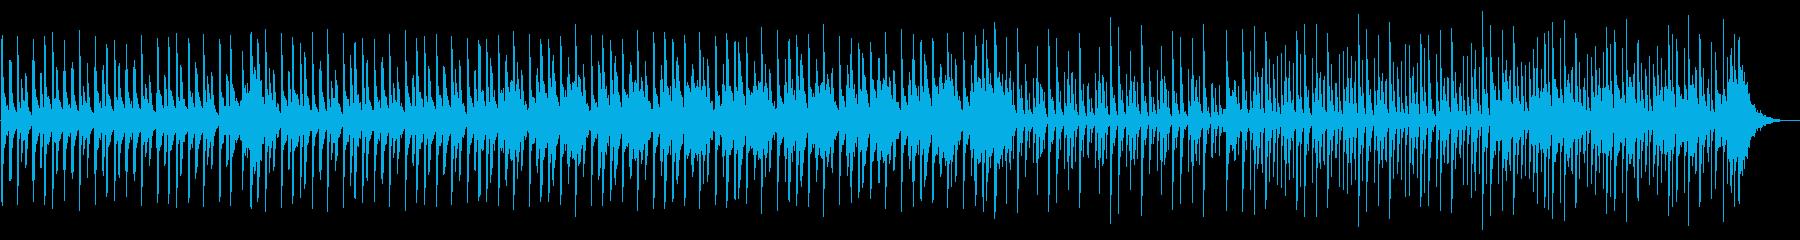 打楽器とクラップのみ ジャズ ラテン風の再生済みの波形